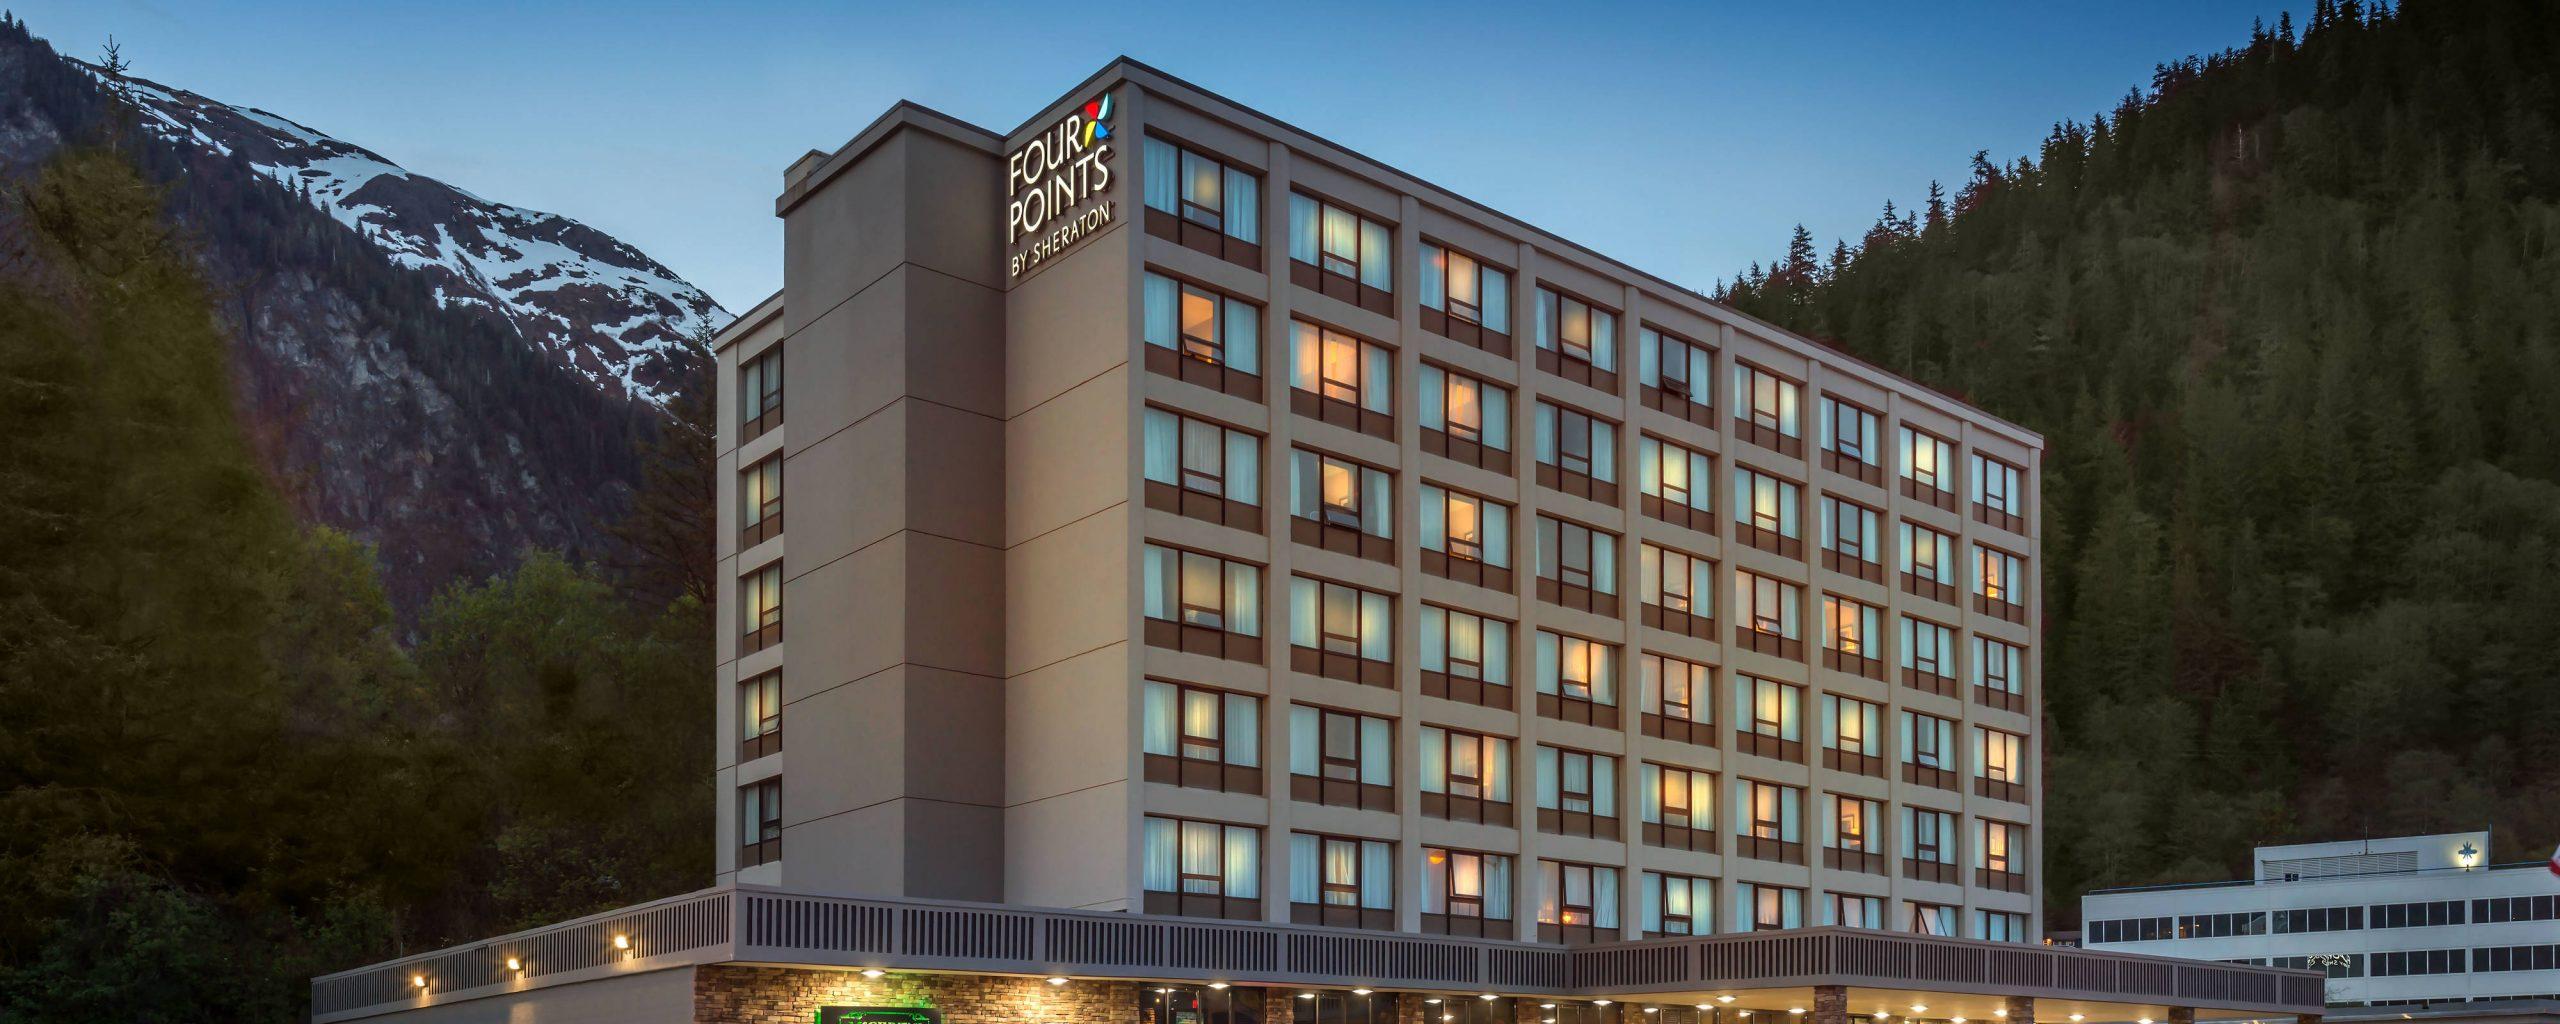 Four Points by Sheraton Juneau - Best Luxury Hotel in Alaska